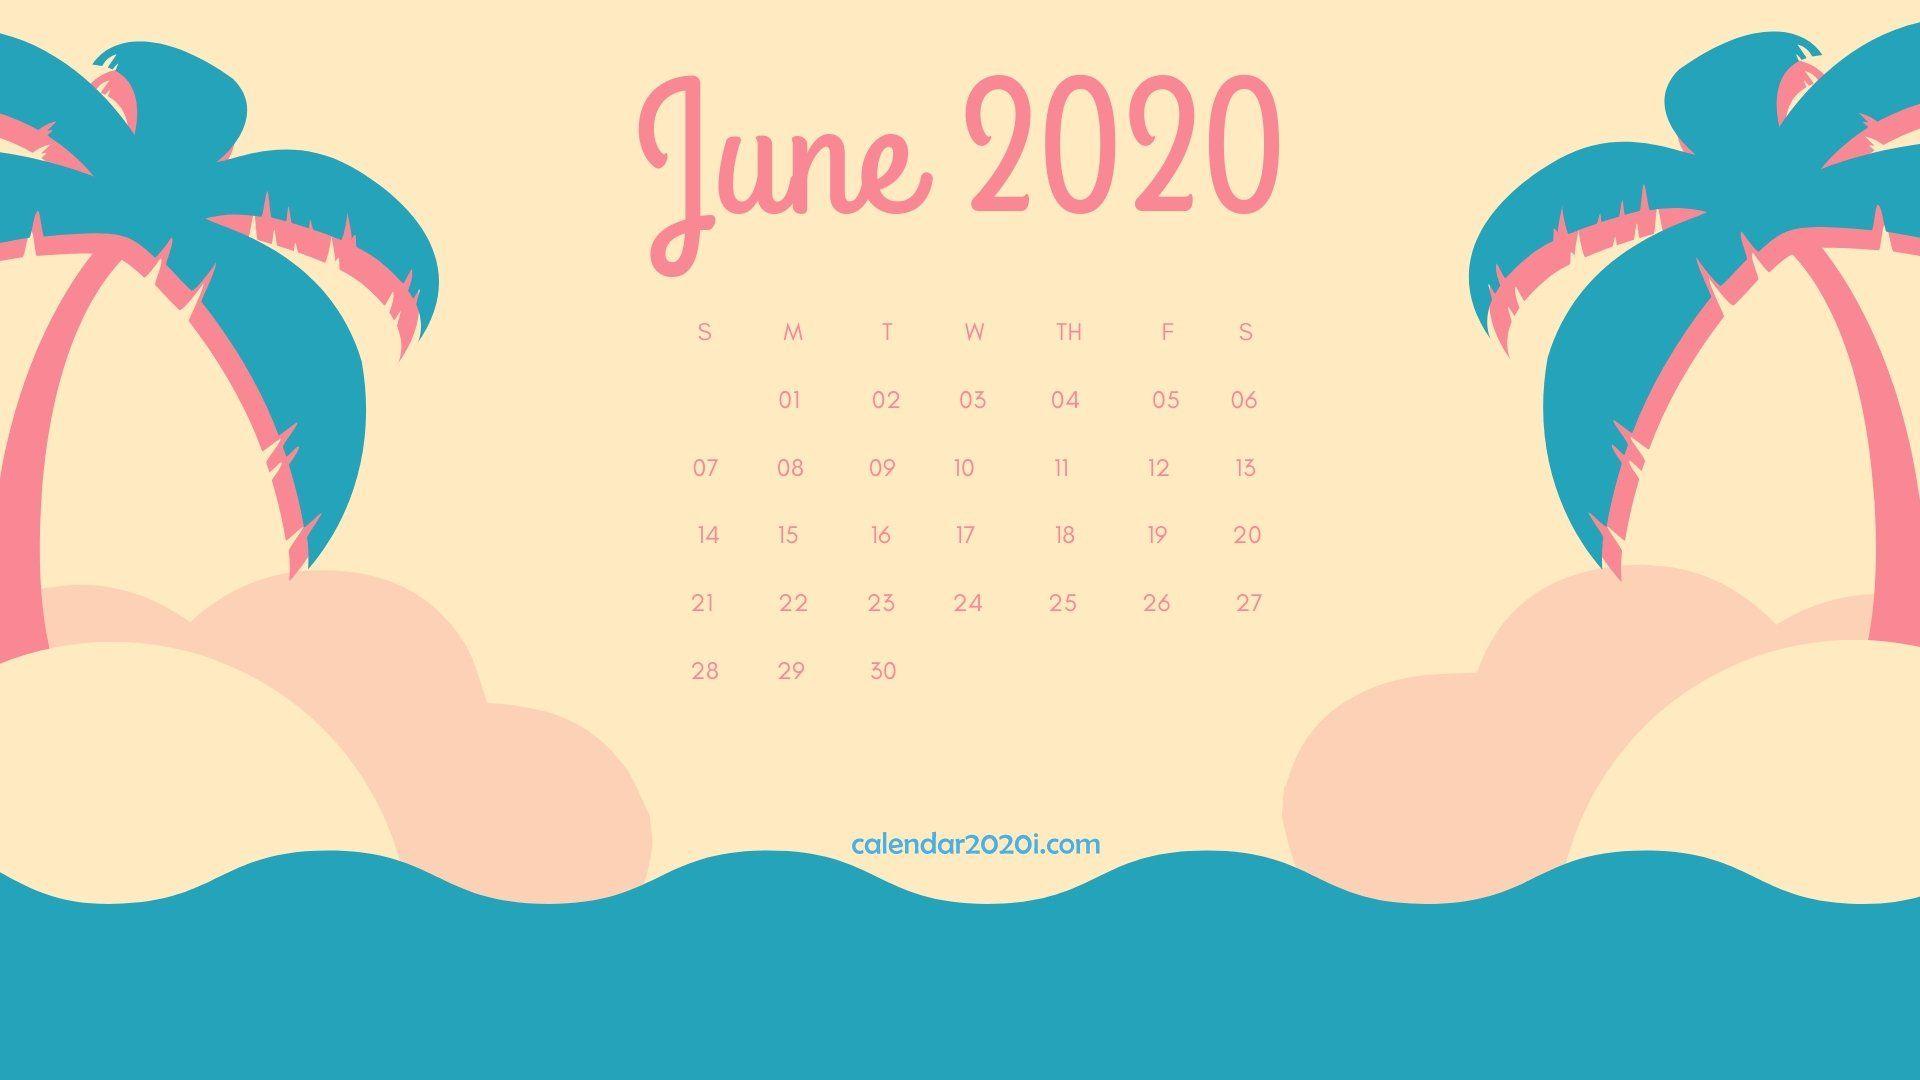 June 2020 Calendar Desktop Wallpaper in 2019 printable 1920x1080